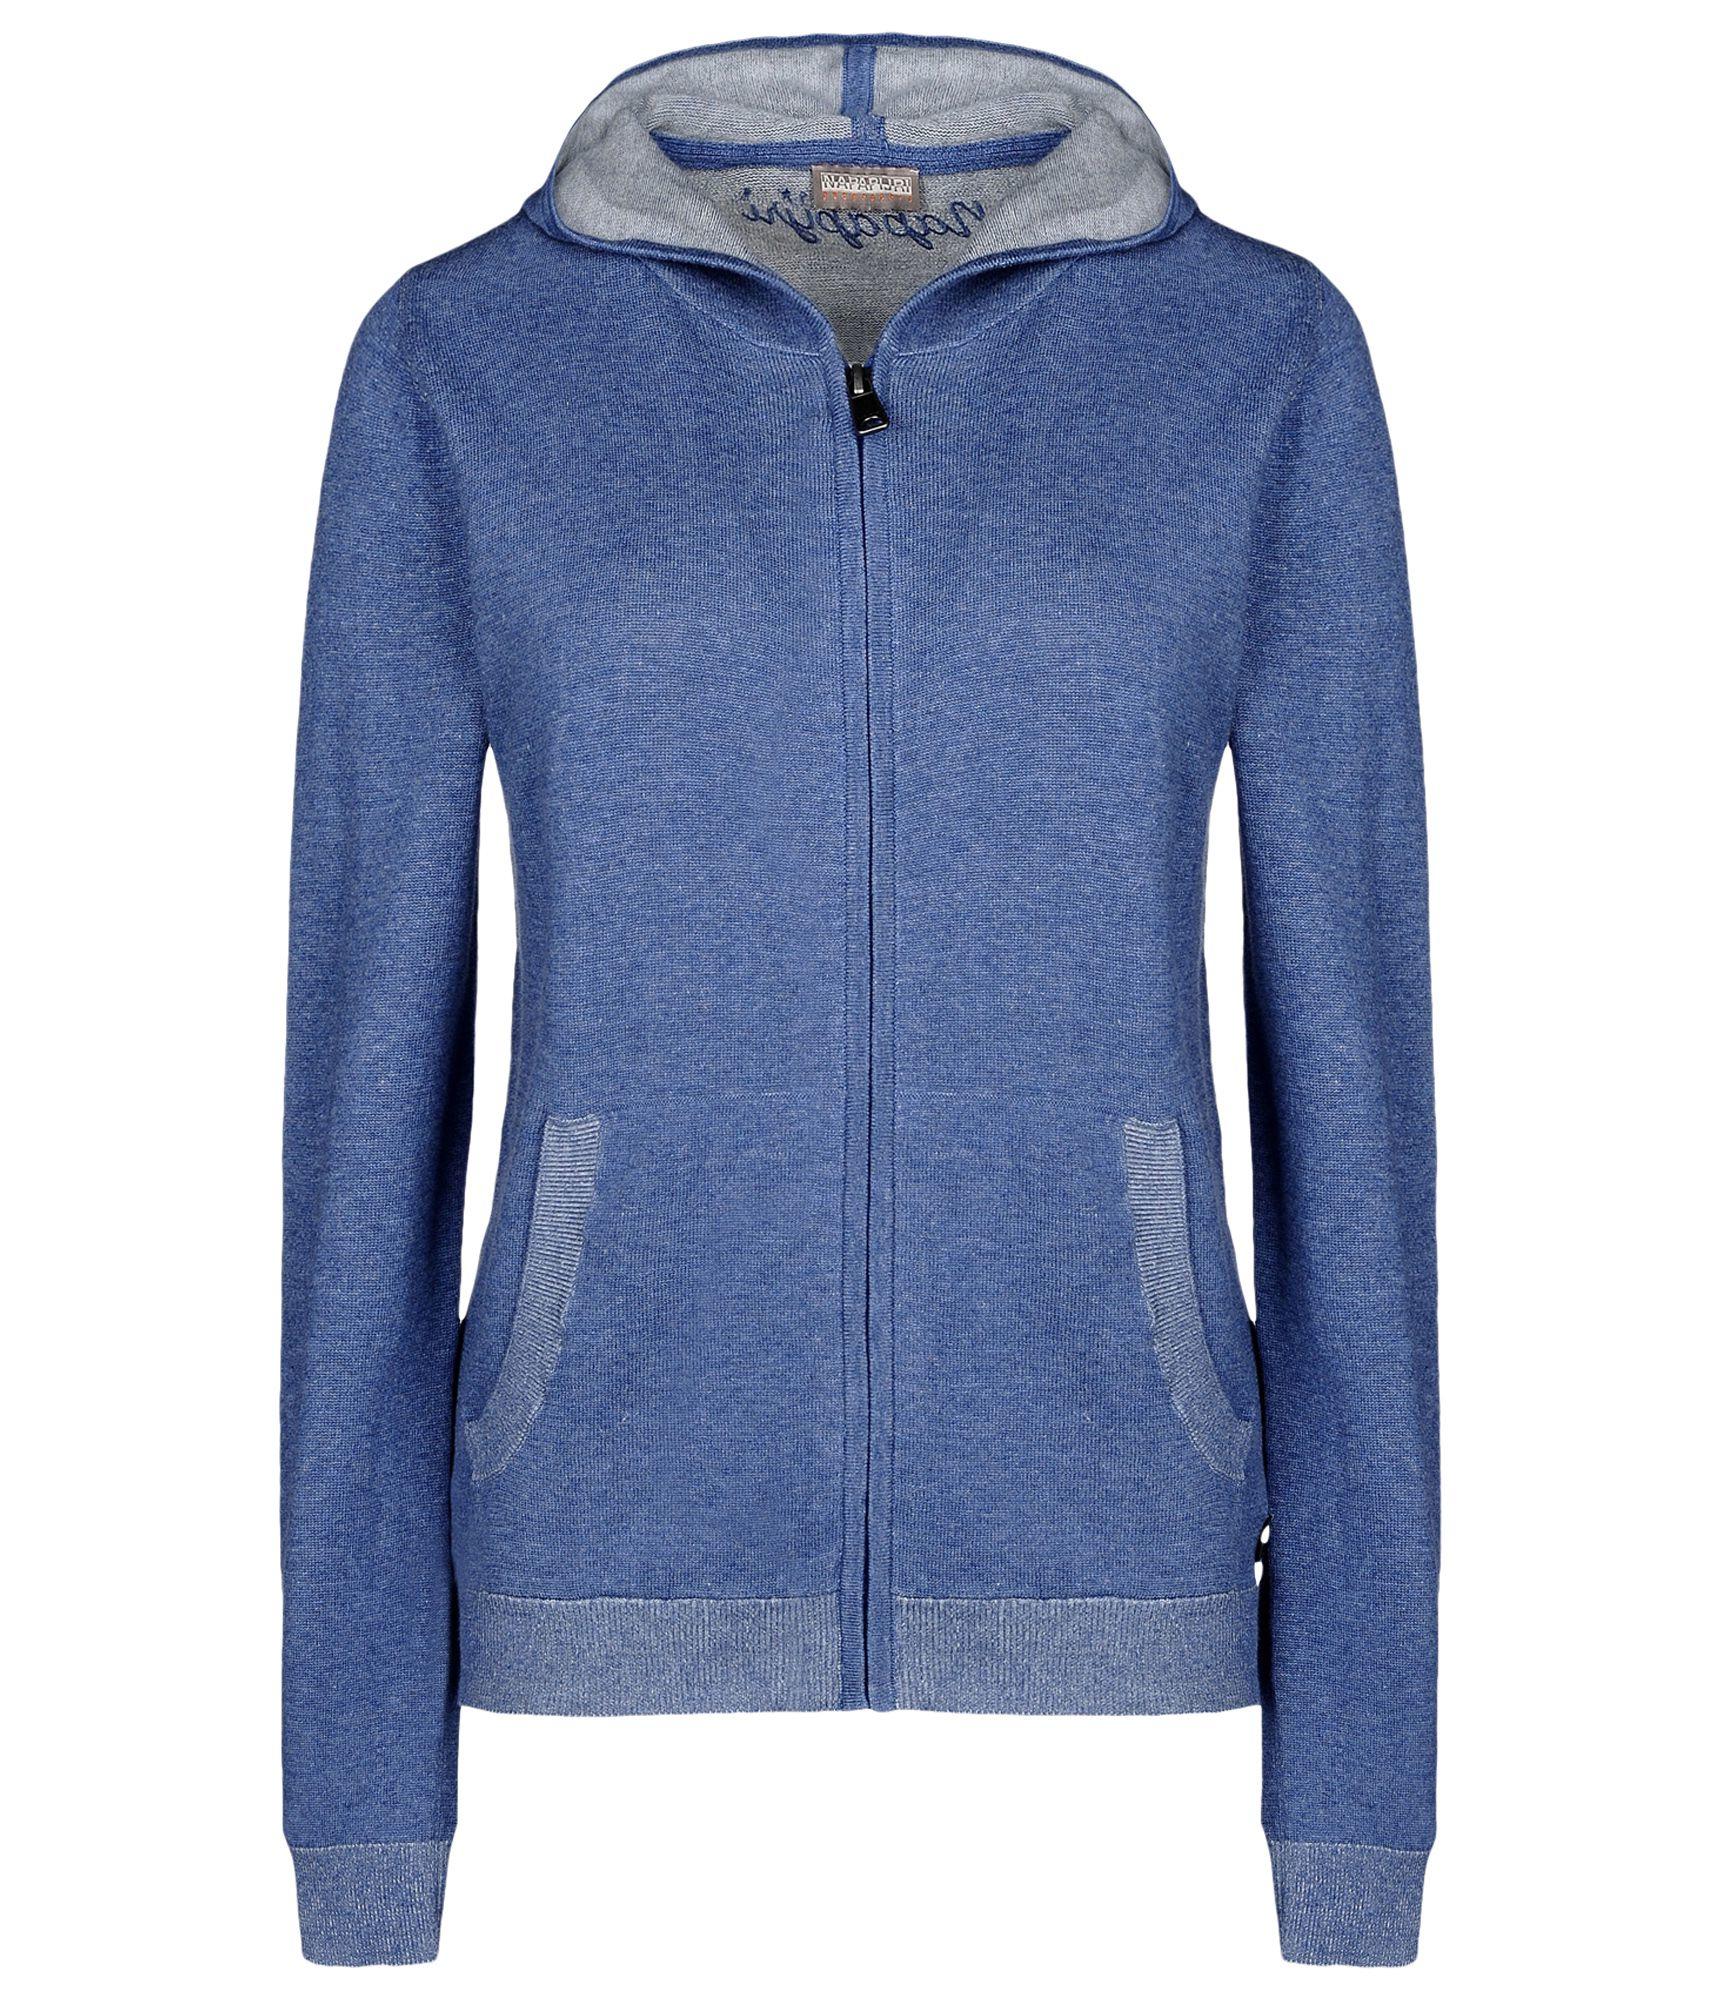 Napapijri Full Zip Fleeces in Blue